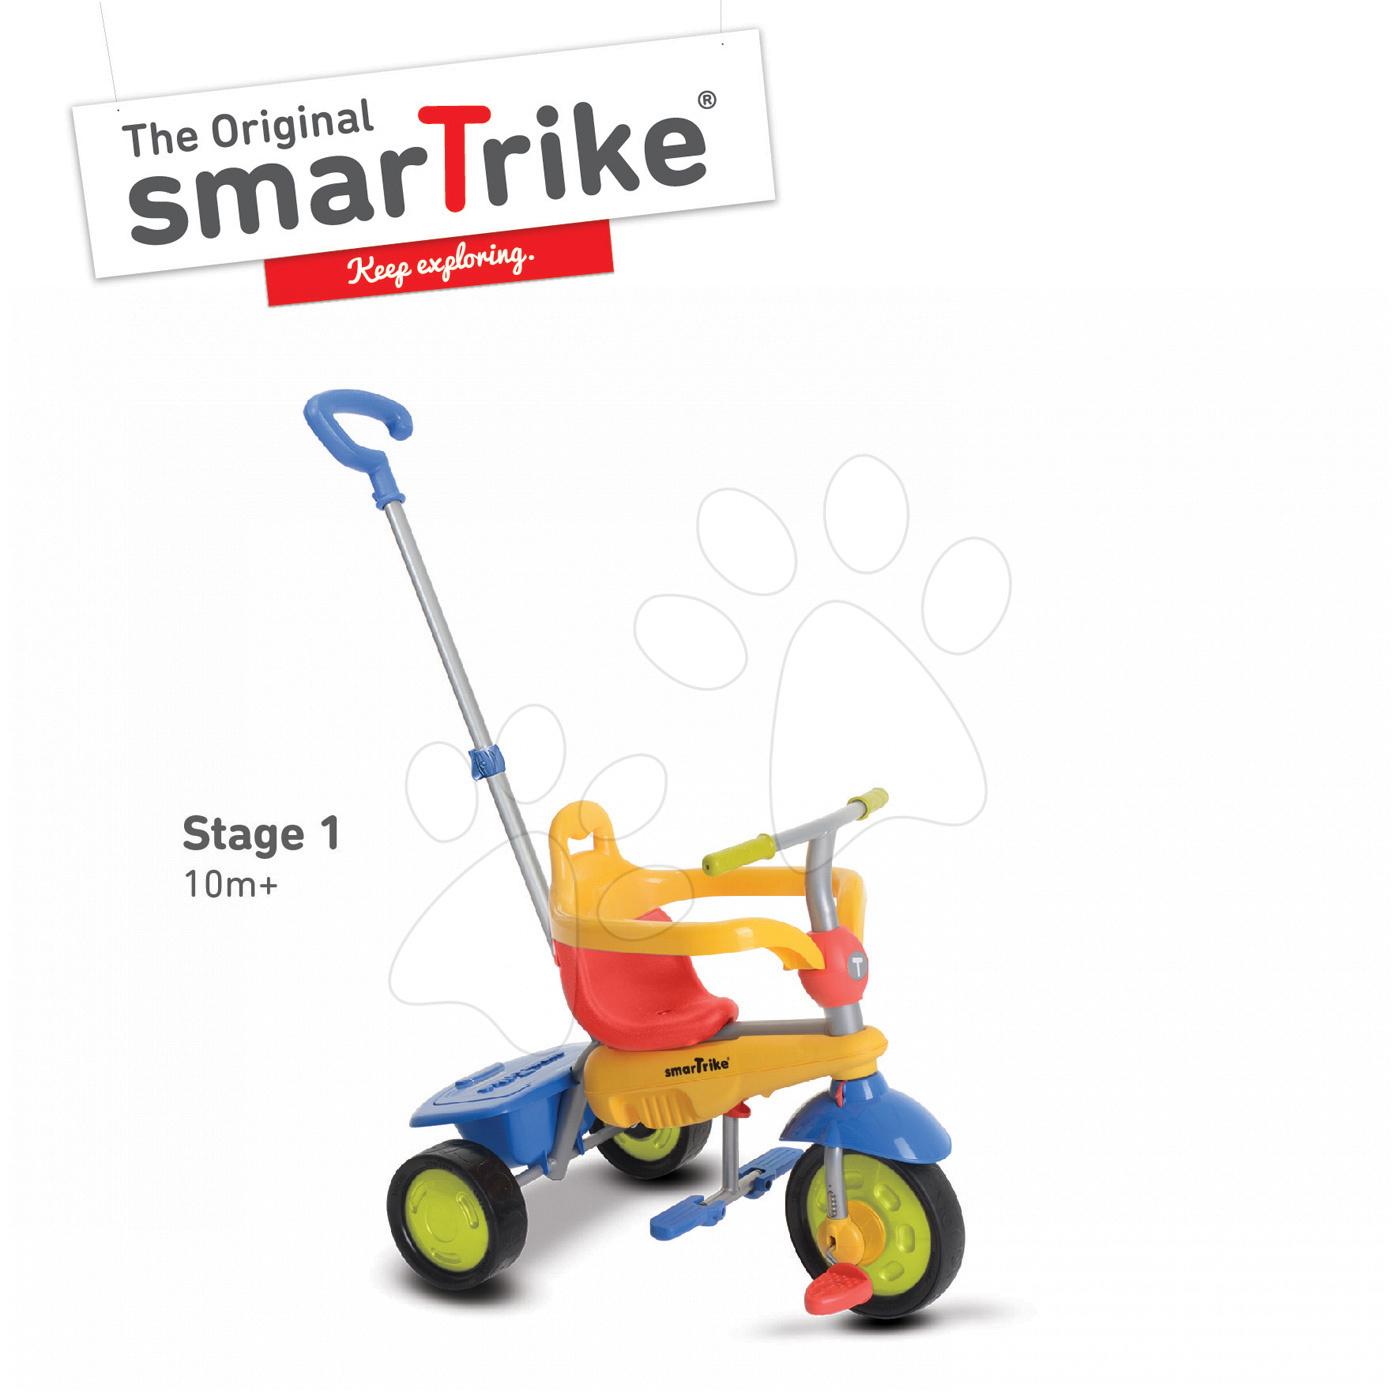 Tříkolka Breeze Touch Steering smarTrike s vodicí tyčí červeno-žlutá od 10 měsíců